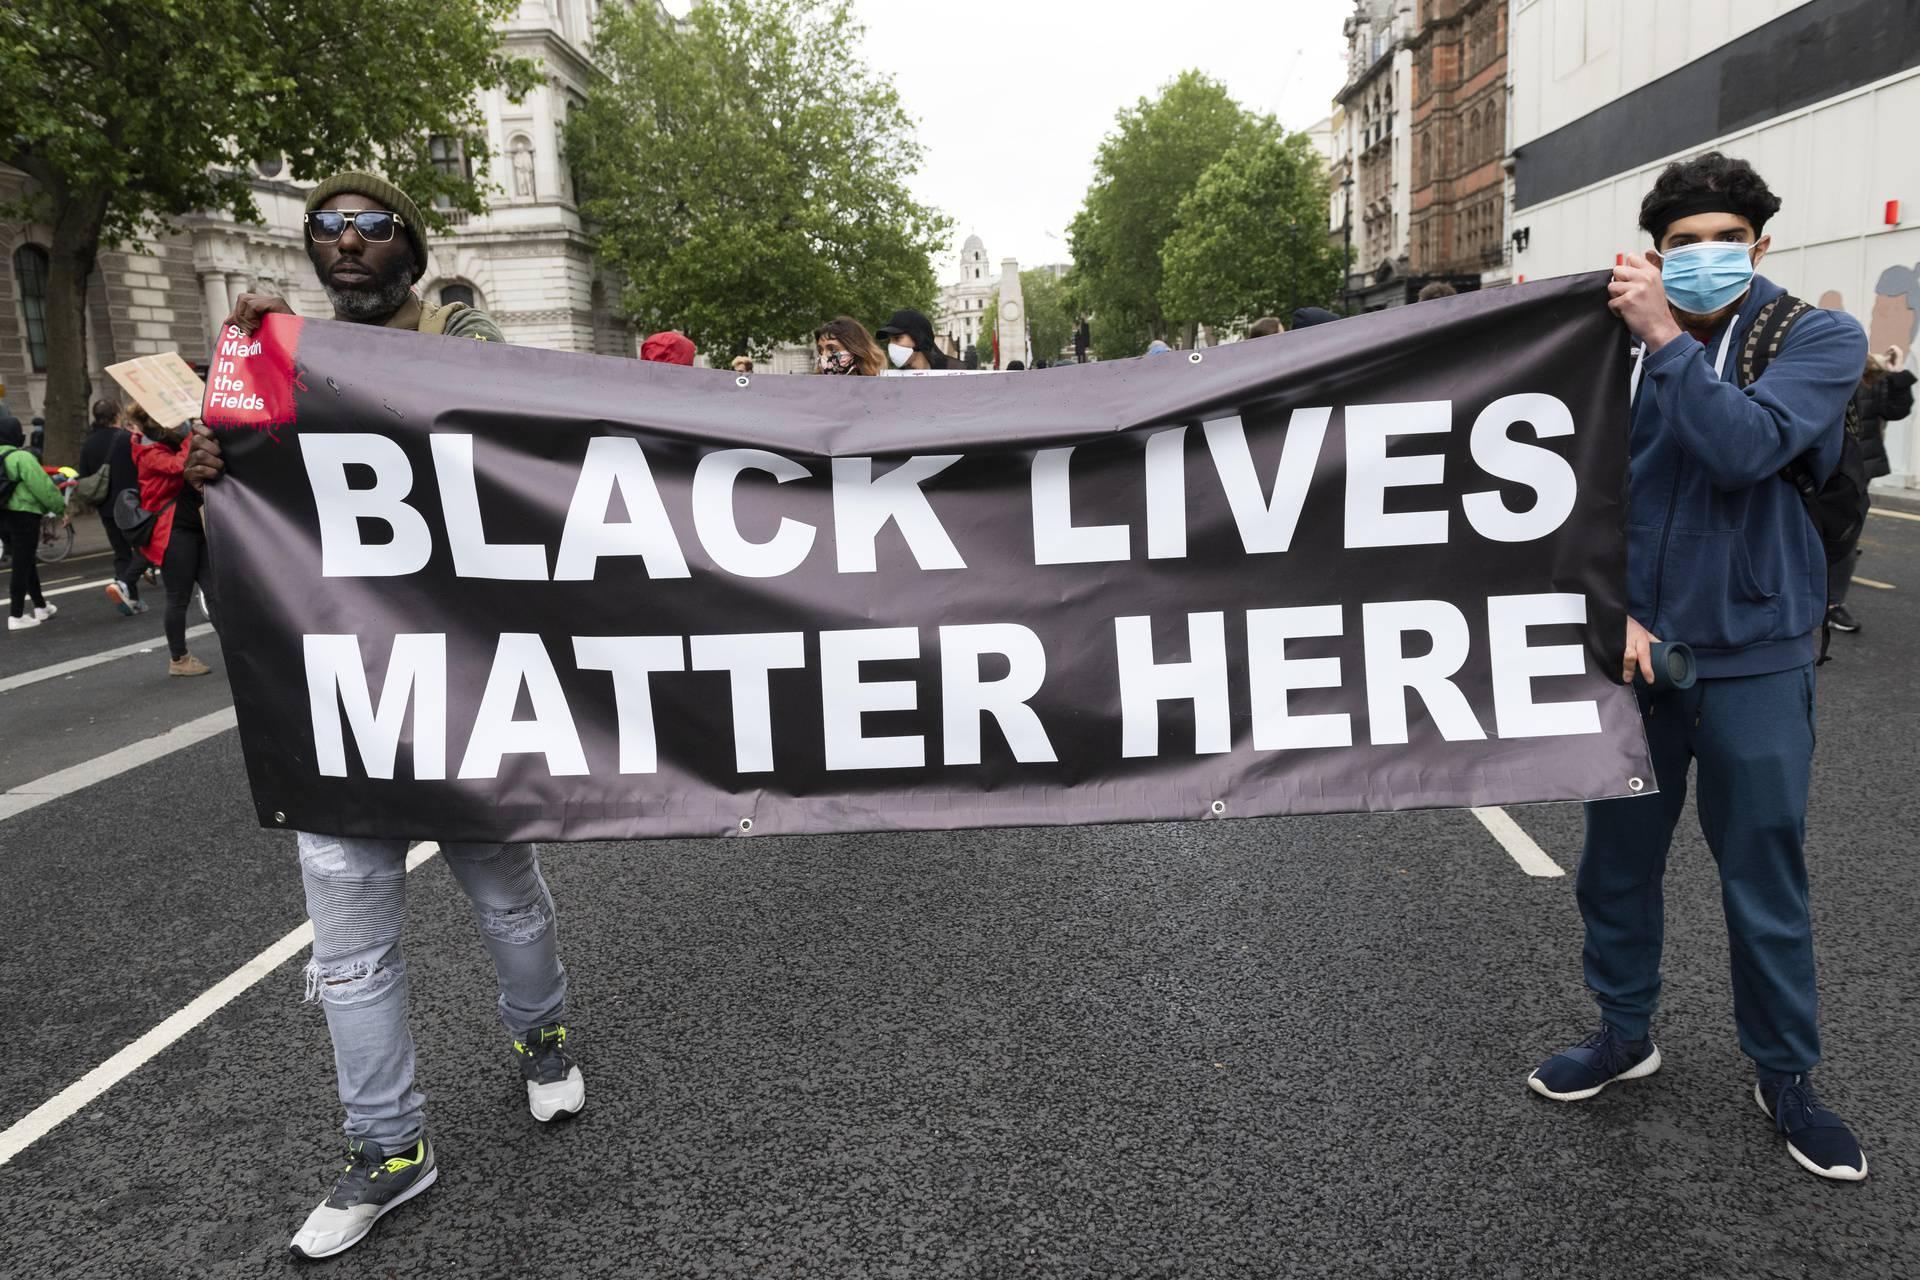 Šire se proturasistički prosvjedi diljem Europe i svijeta nakon smrti Georgea Floyda iz SAD-a